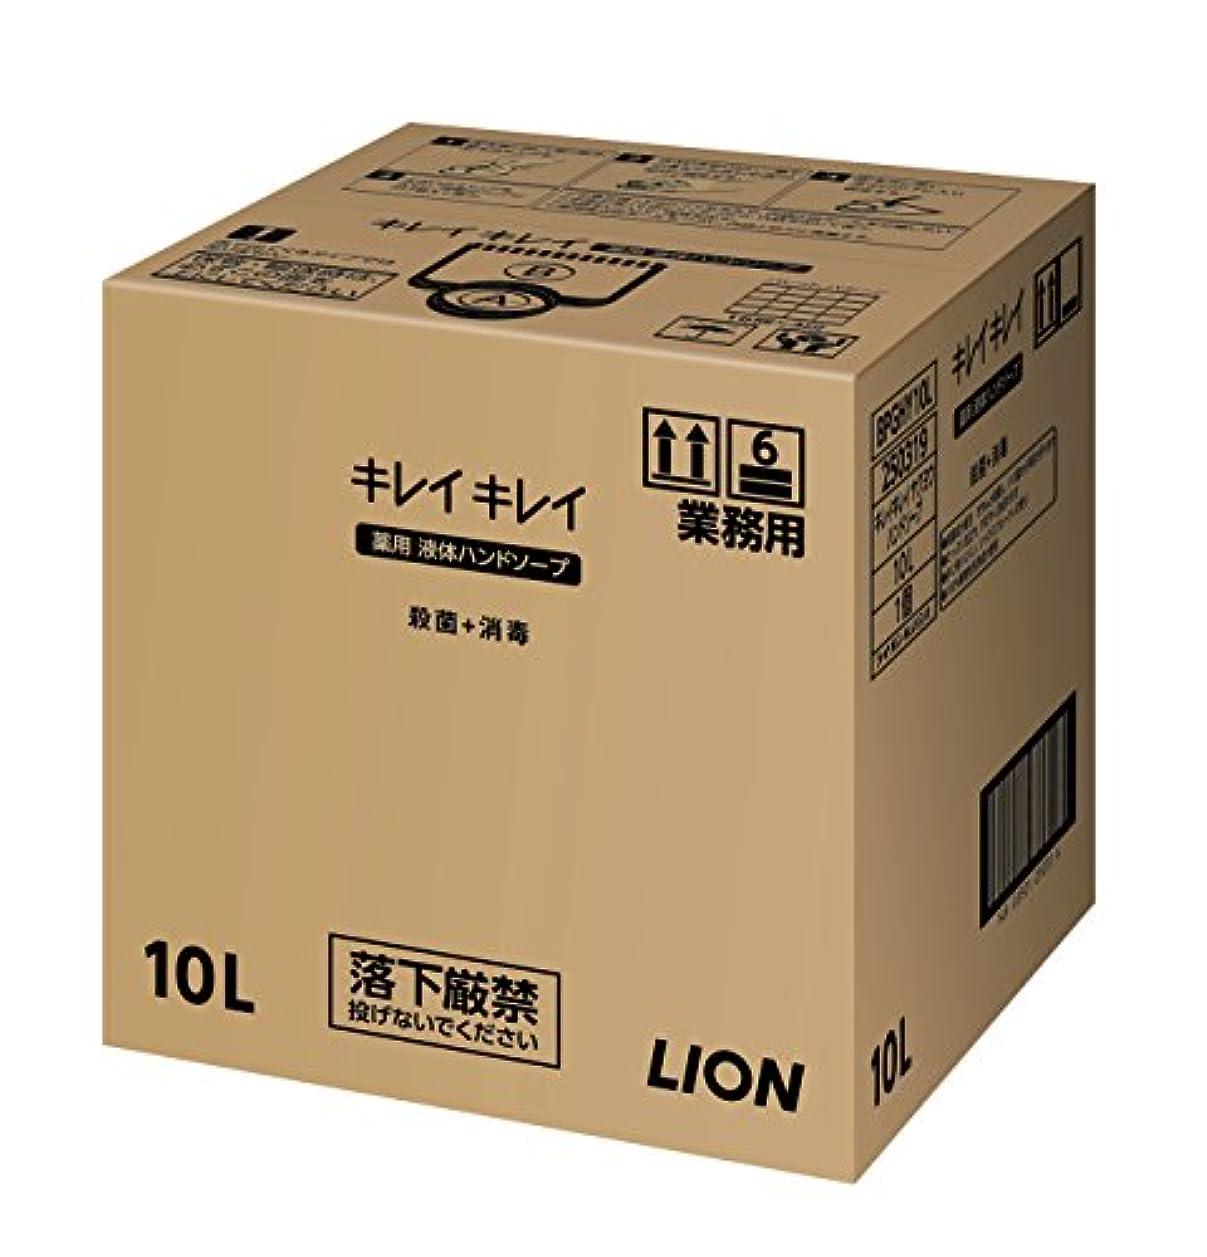 生きている解説私たちのもの【大容量】キレイキレイ薬用ハンドソープ10L